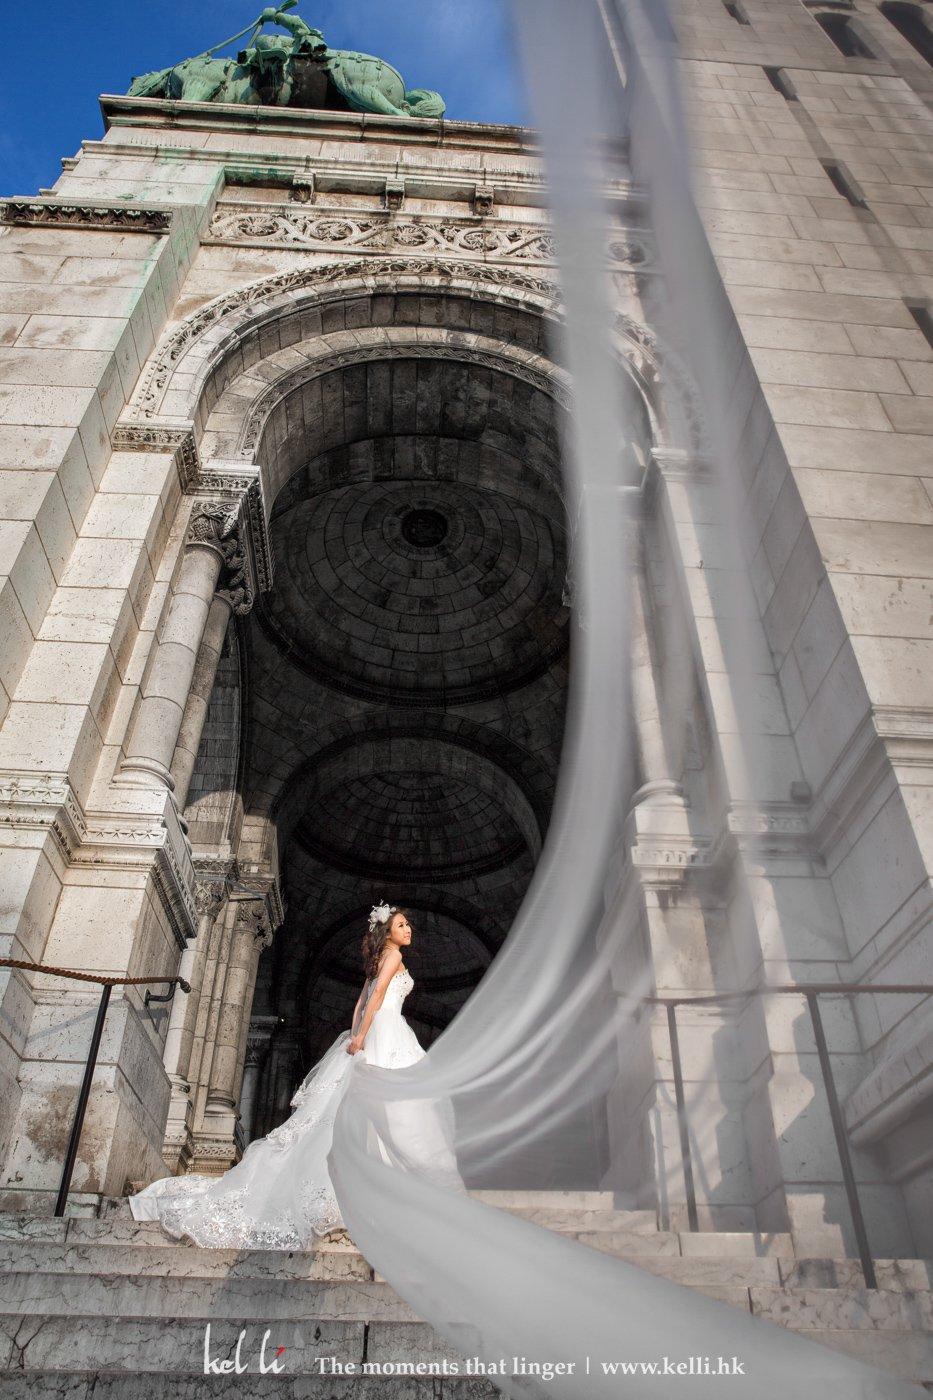 飄紗是一個很好的婚紗照的拍攝手法